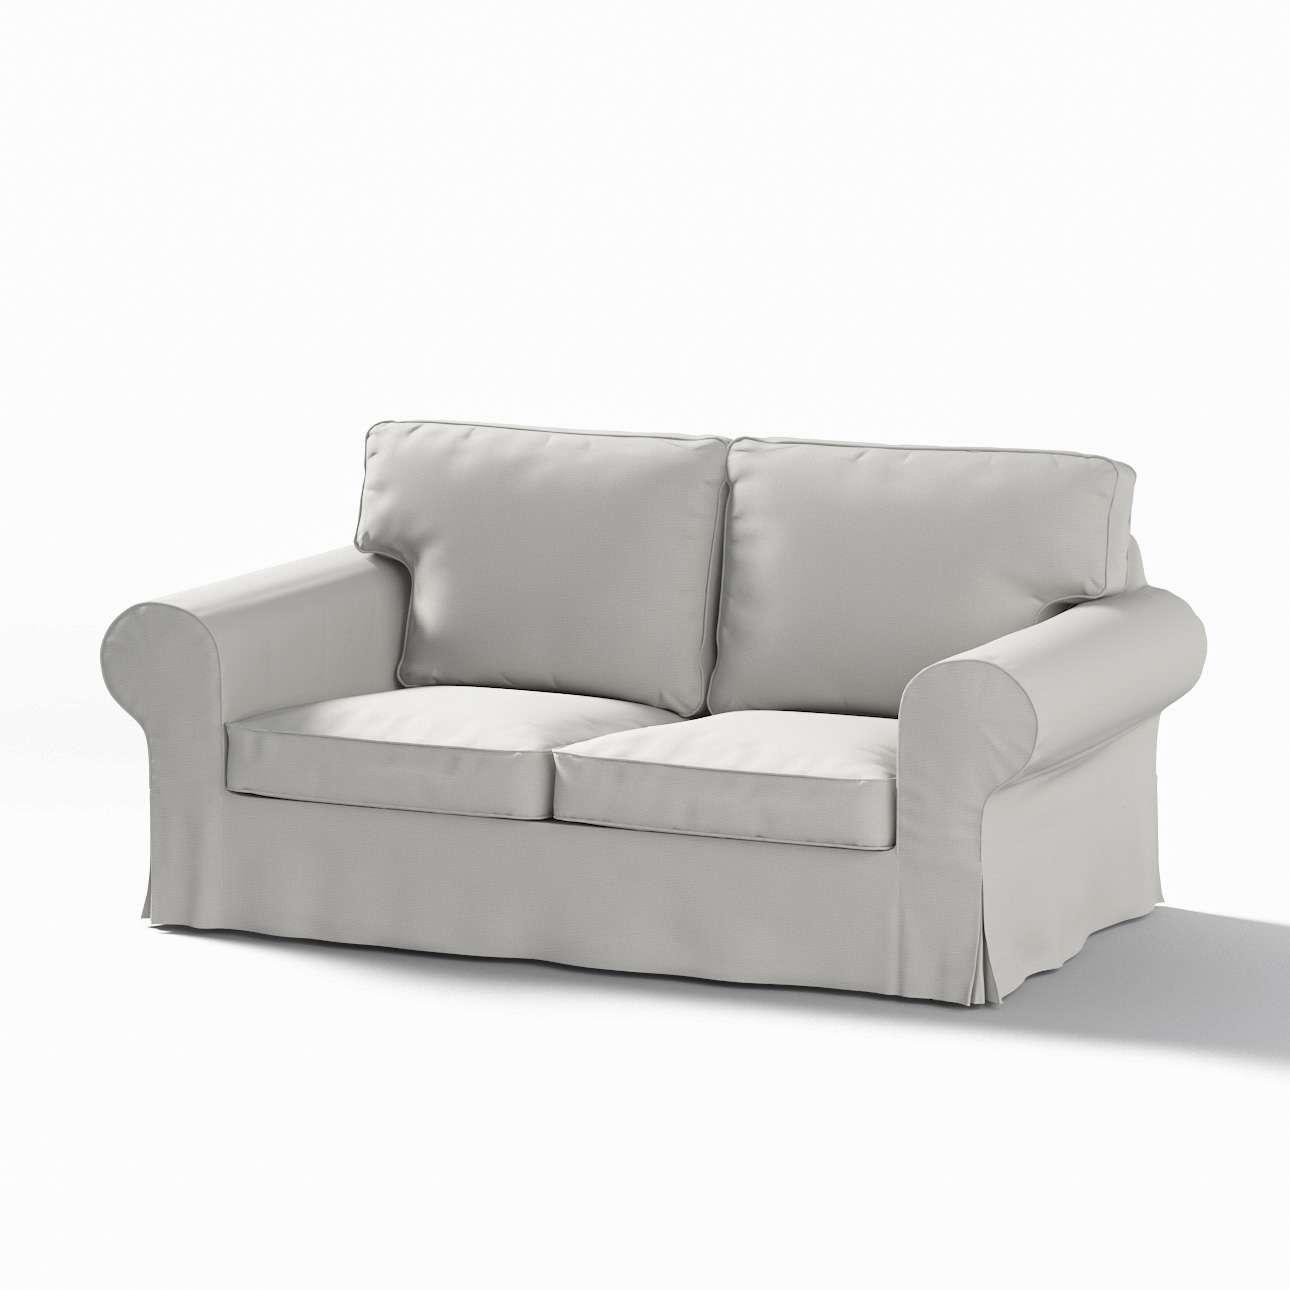 Ektorp dvivietės sofos užvalkalas Ektorp dvivietės sofos užvalkalas kolekcijoje Etna , audinys: 705-90